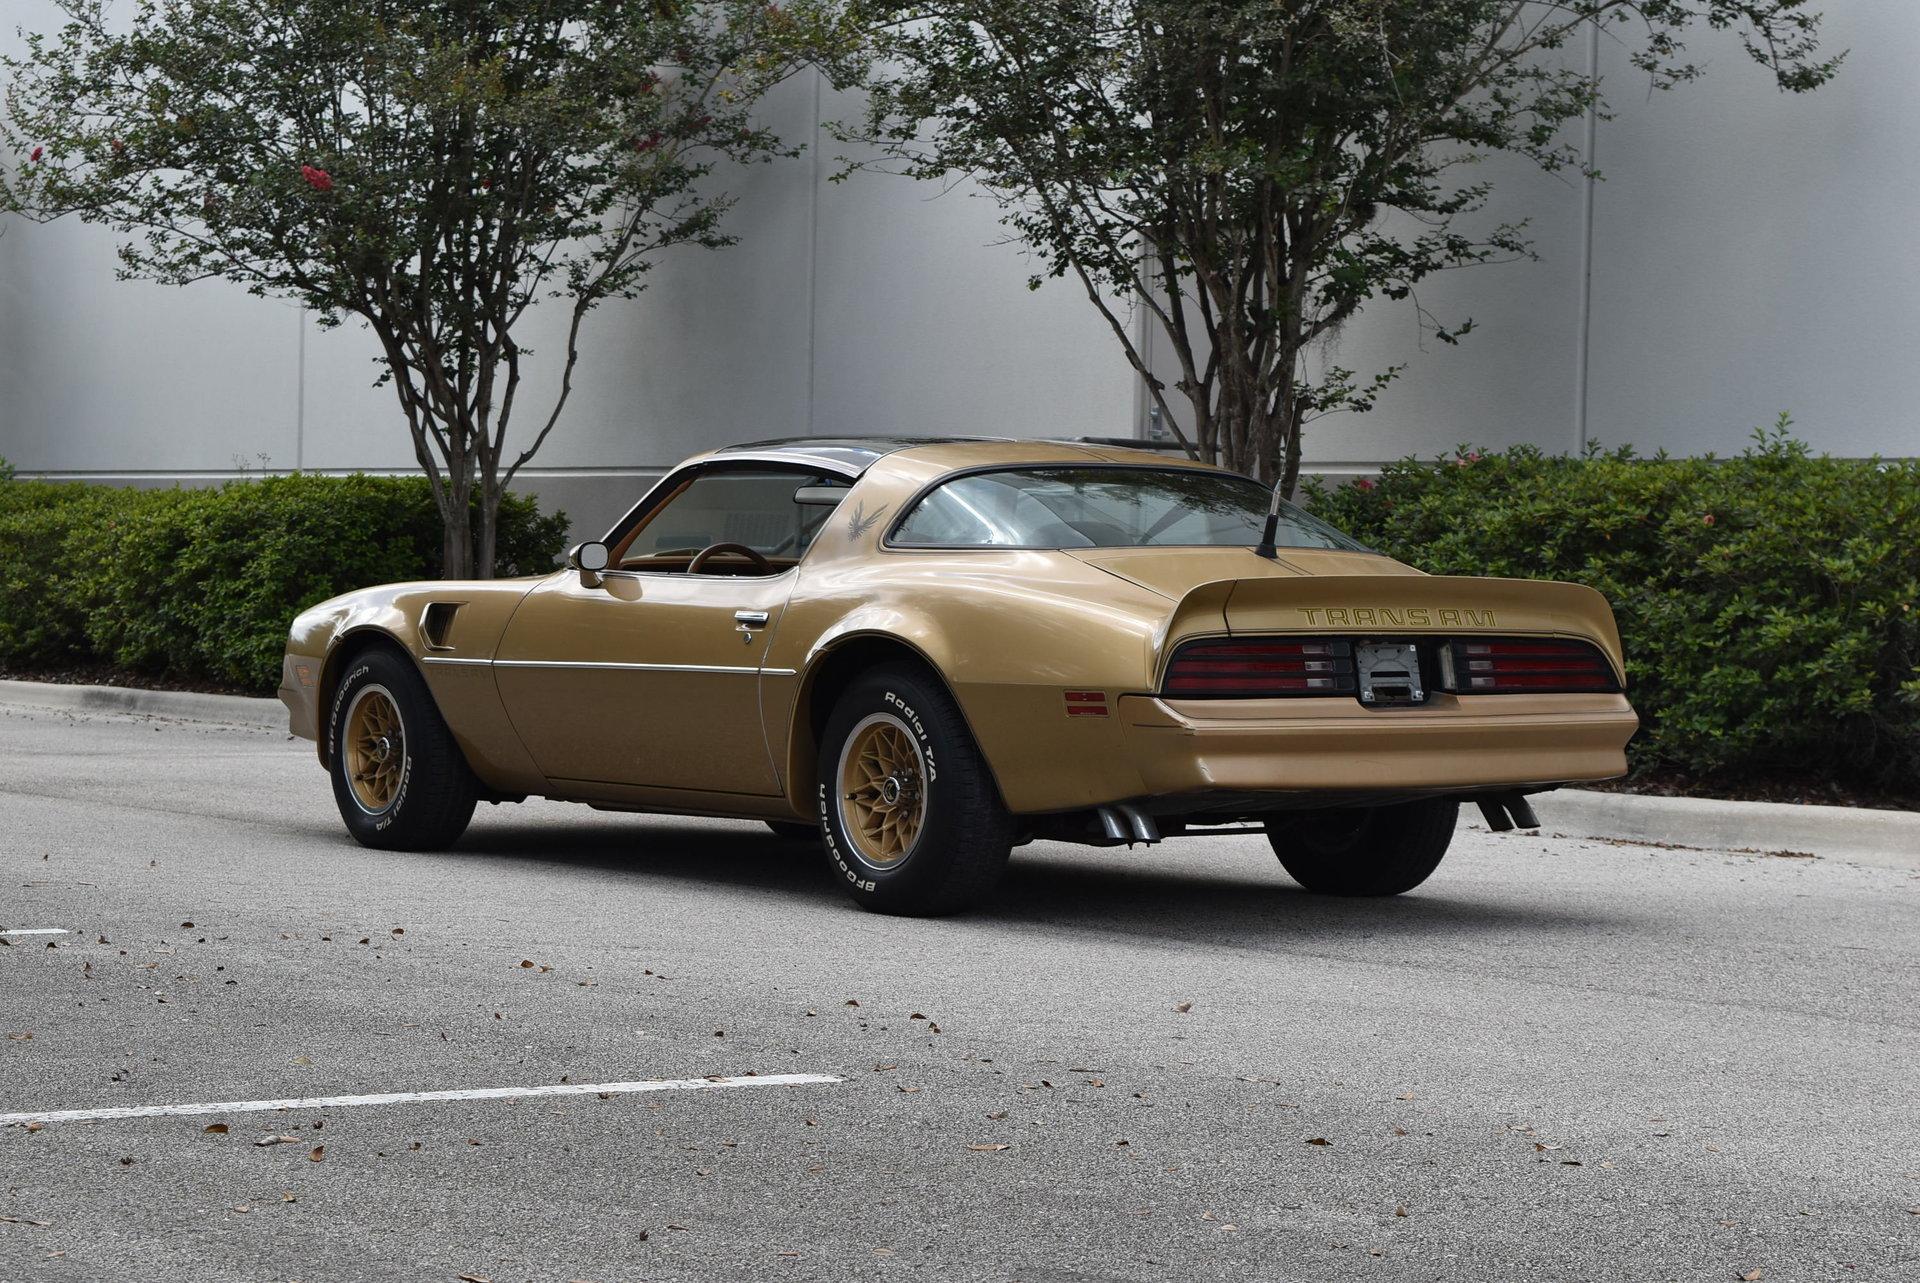 1989 Pontiac Trans Am Orlando Classic Cars - Imagez co